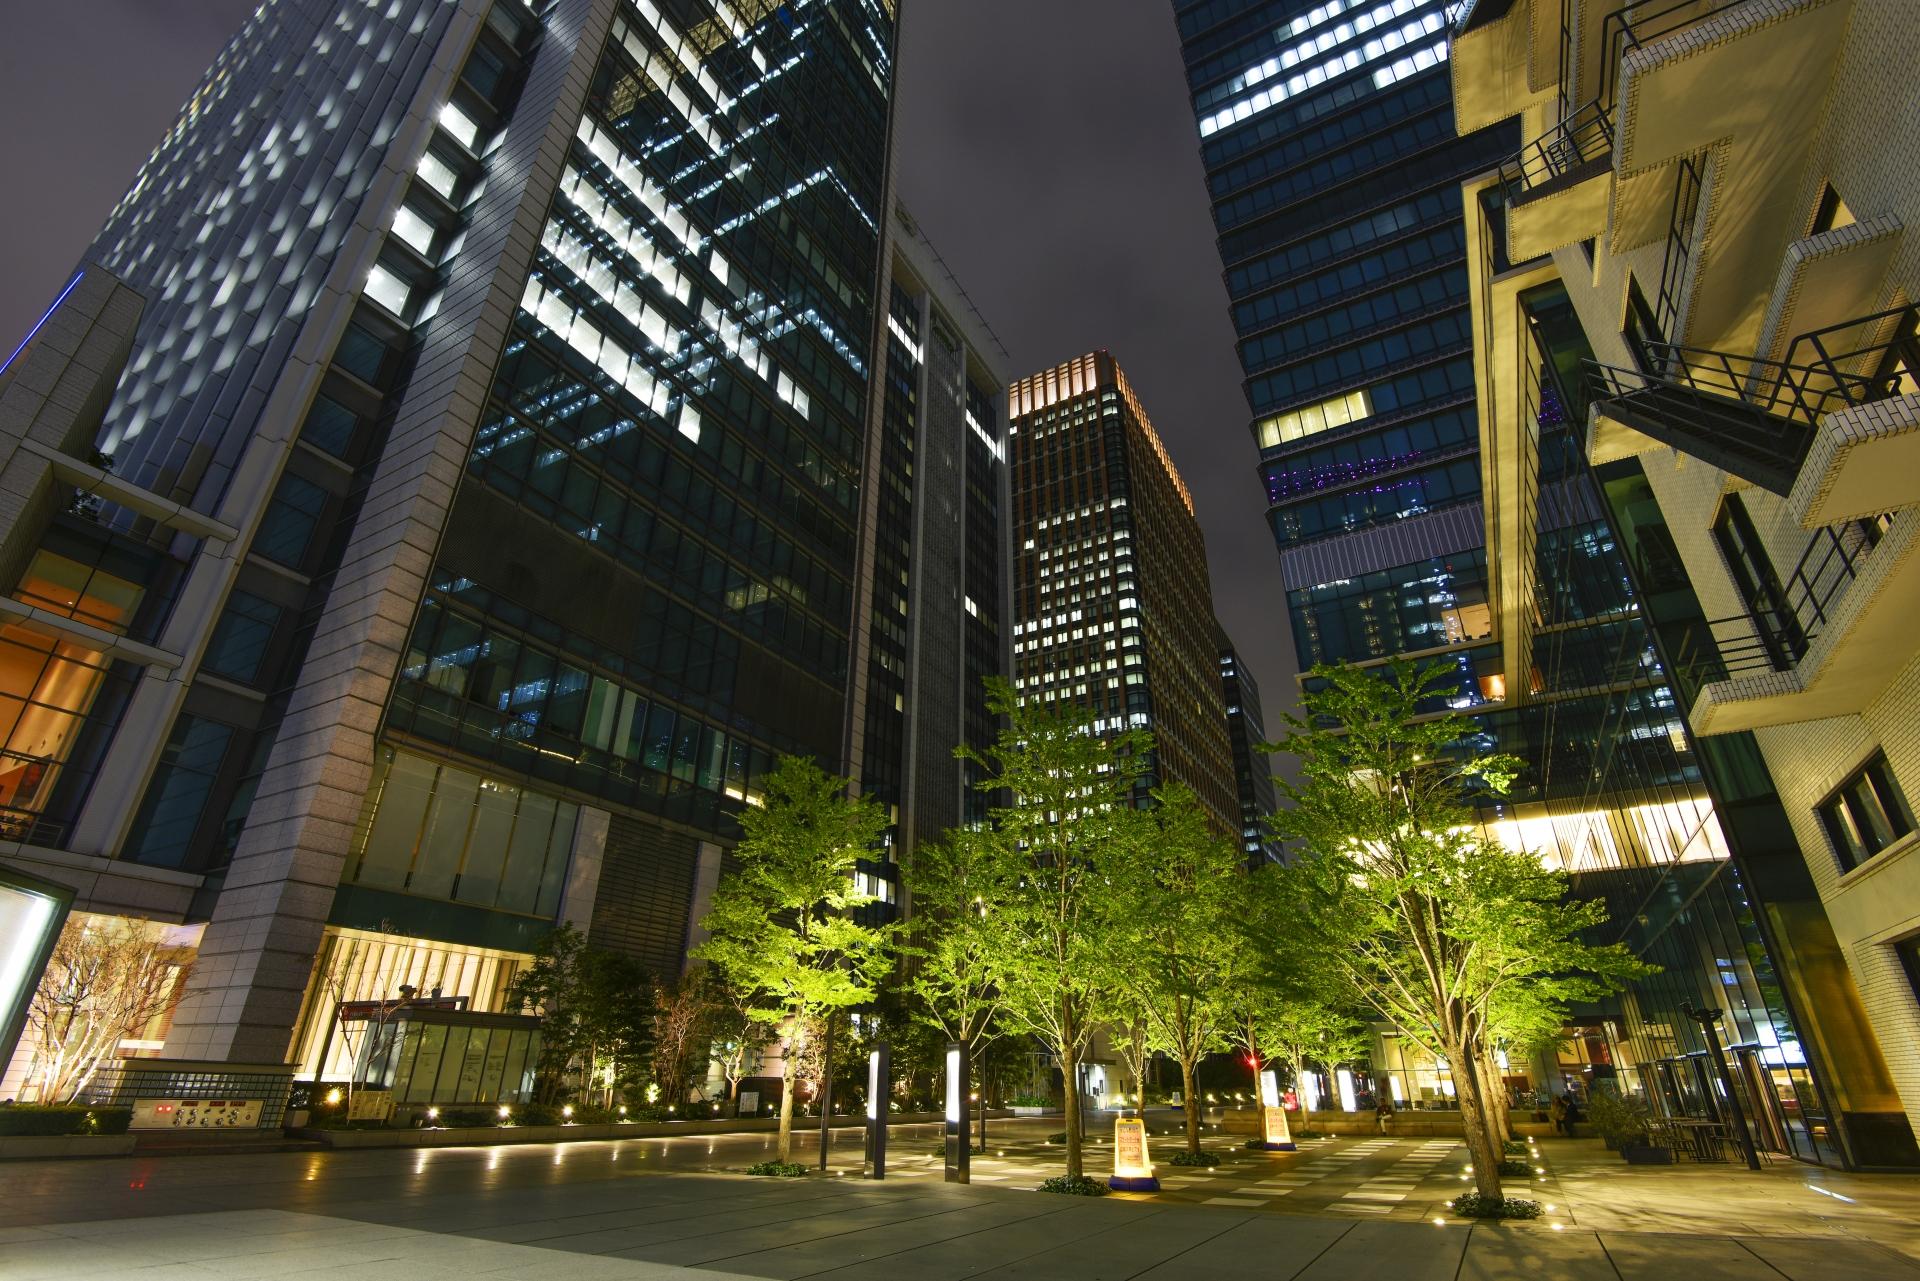 【RECRUITMENT KANAGAWA】 STAF PEMELIHARAAN FASILITAS PEREKRUTAN MENDESAK DI PROVINSI KANAGAWA